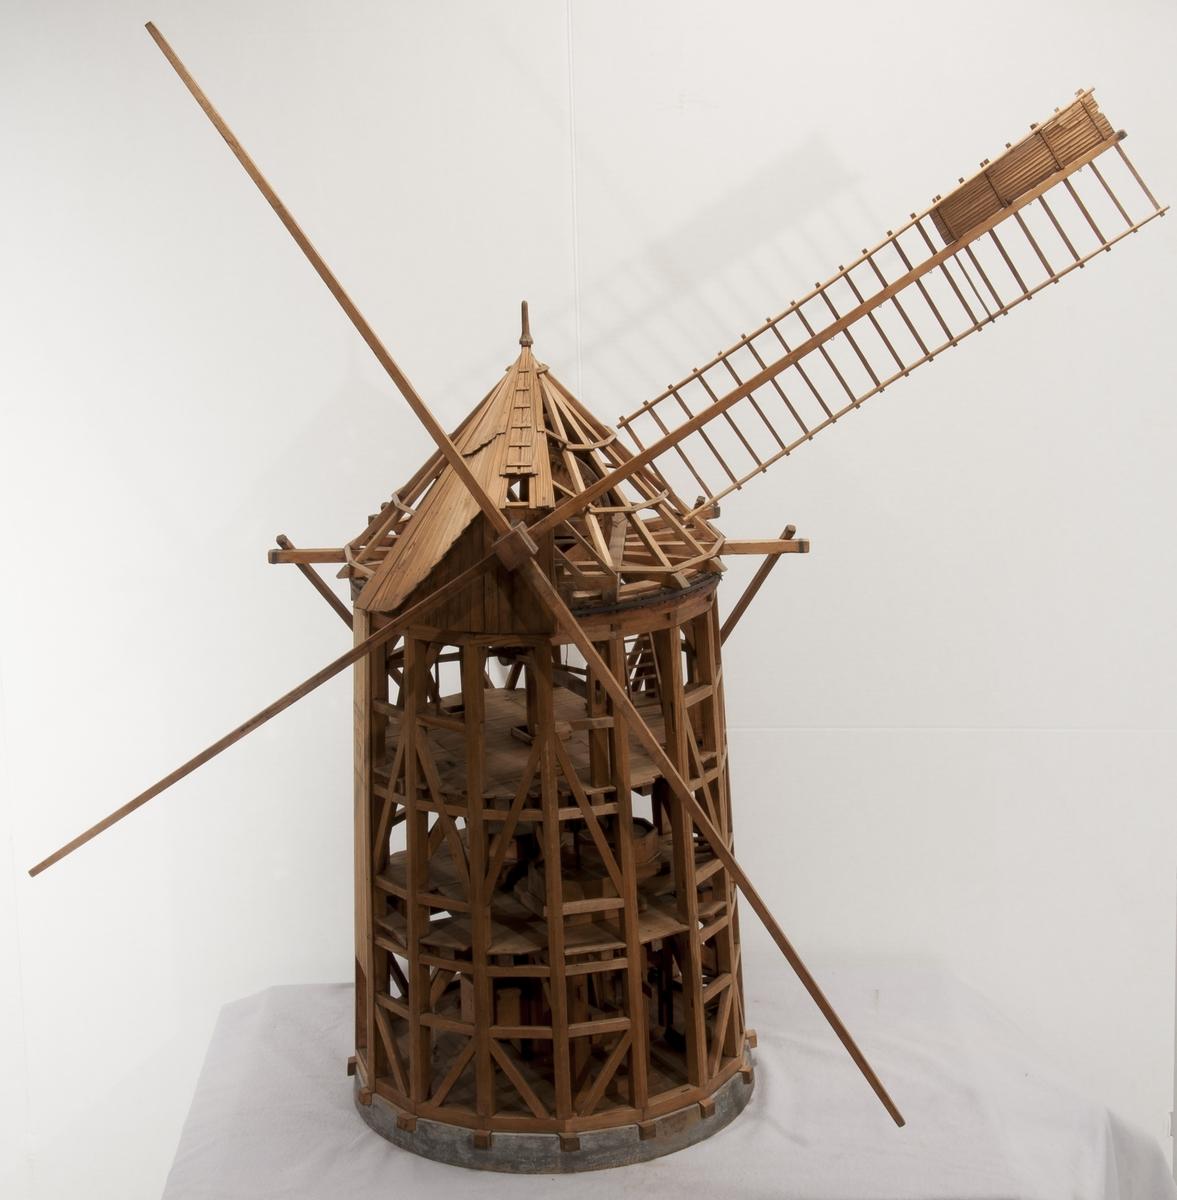 """Modell av väderkvarn. Text på föremålet: """"N:o 101. Modell på 16 kantig wäderqwarn Stora Tisan kallad. Står på norrmalm. X.D.3."""". I Jonas Norbergs förteckning från 1779 beskrivs modellen på följande sätt: """"Modell på en sextonkantig Wäderqvarn, hvarpå allenast taket med vingarna omvrides, och i nedre delen eller huset står stilla. Gjord efter en på Norrmalm stående Qvarn, som kallas Stora Tisan, hvilken går med 3 par stenar, och har sikt."""""""